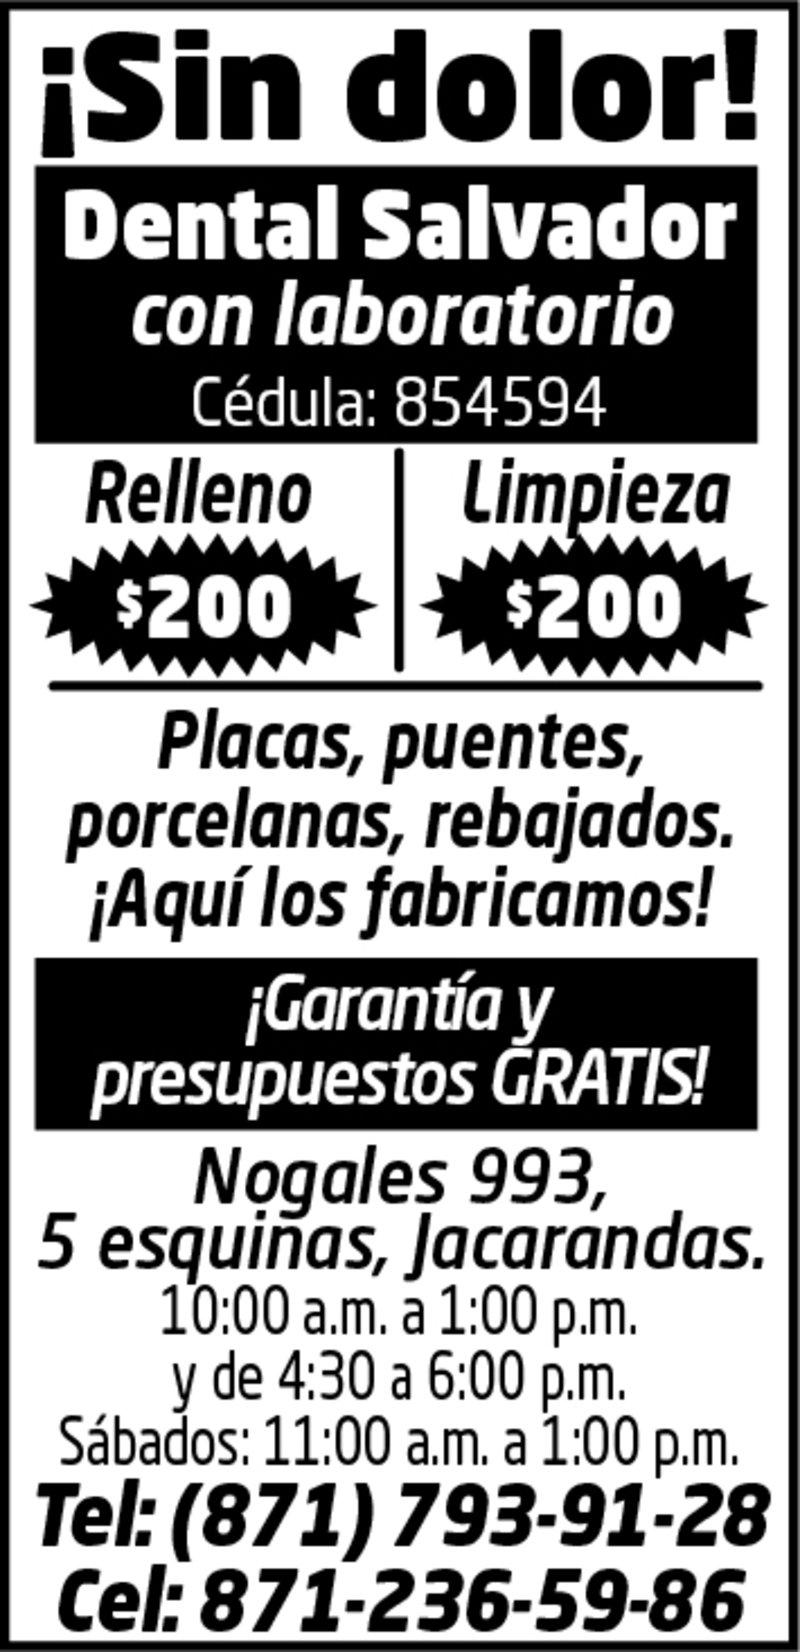 DENTAL SALVADOR